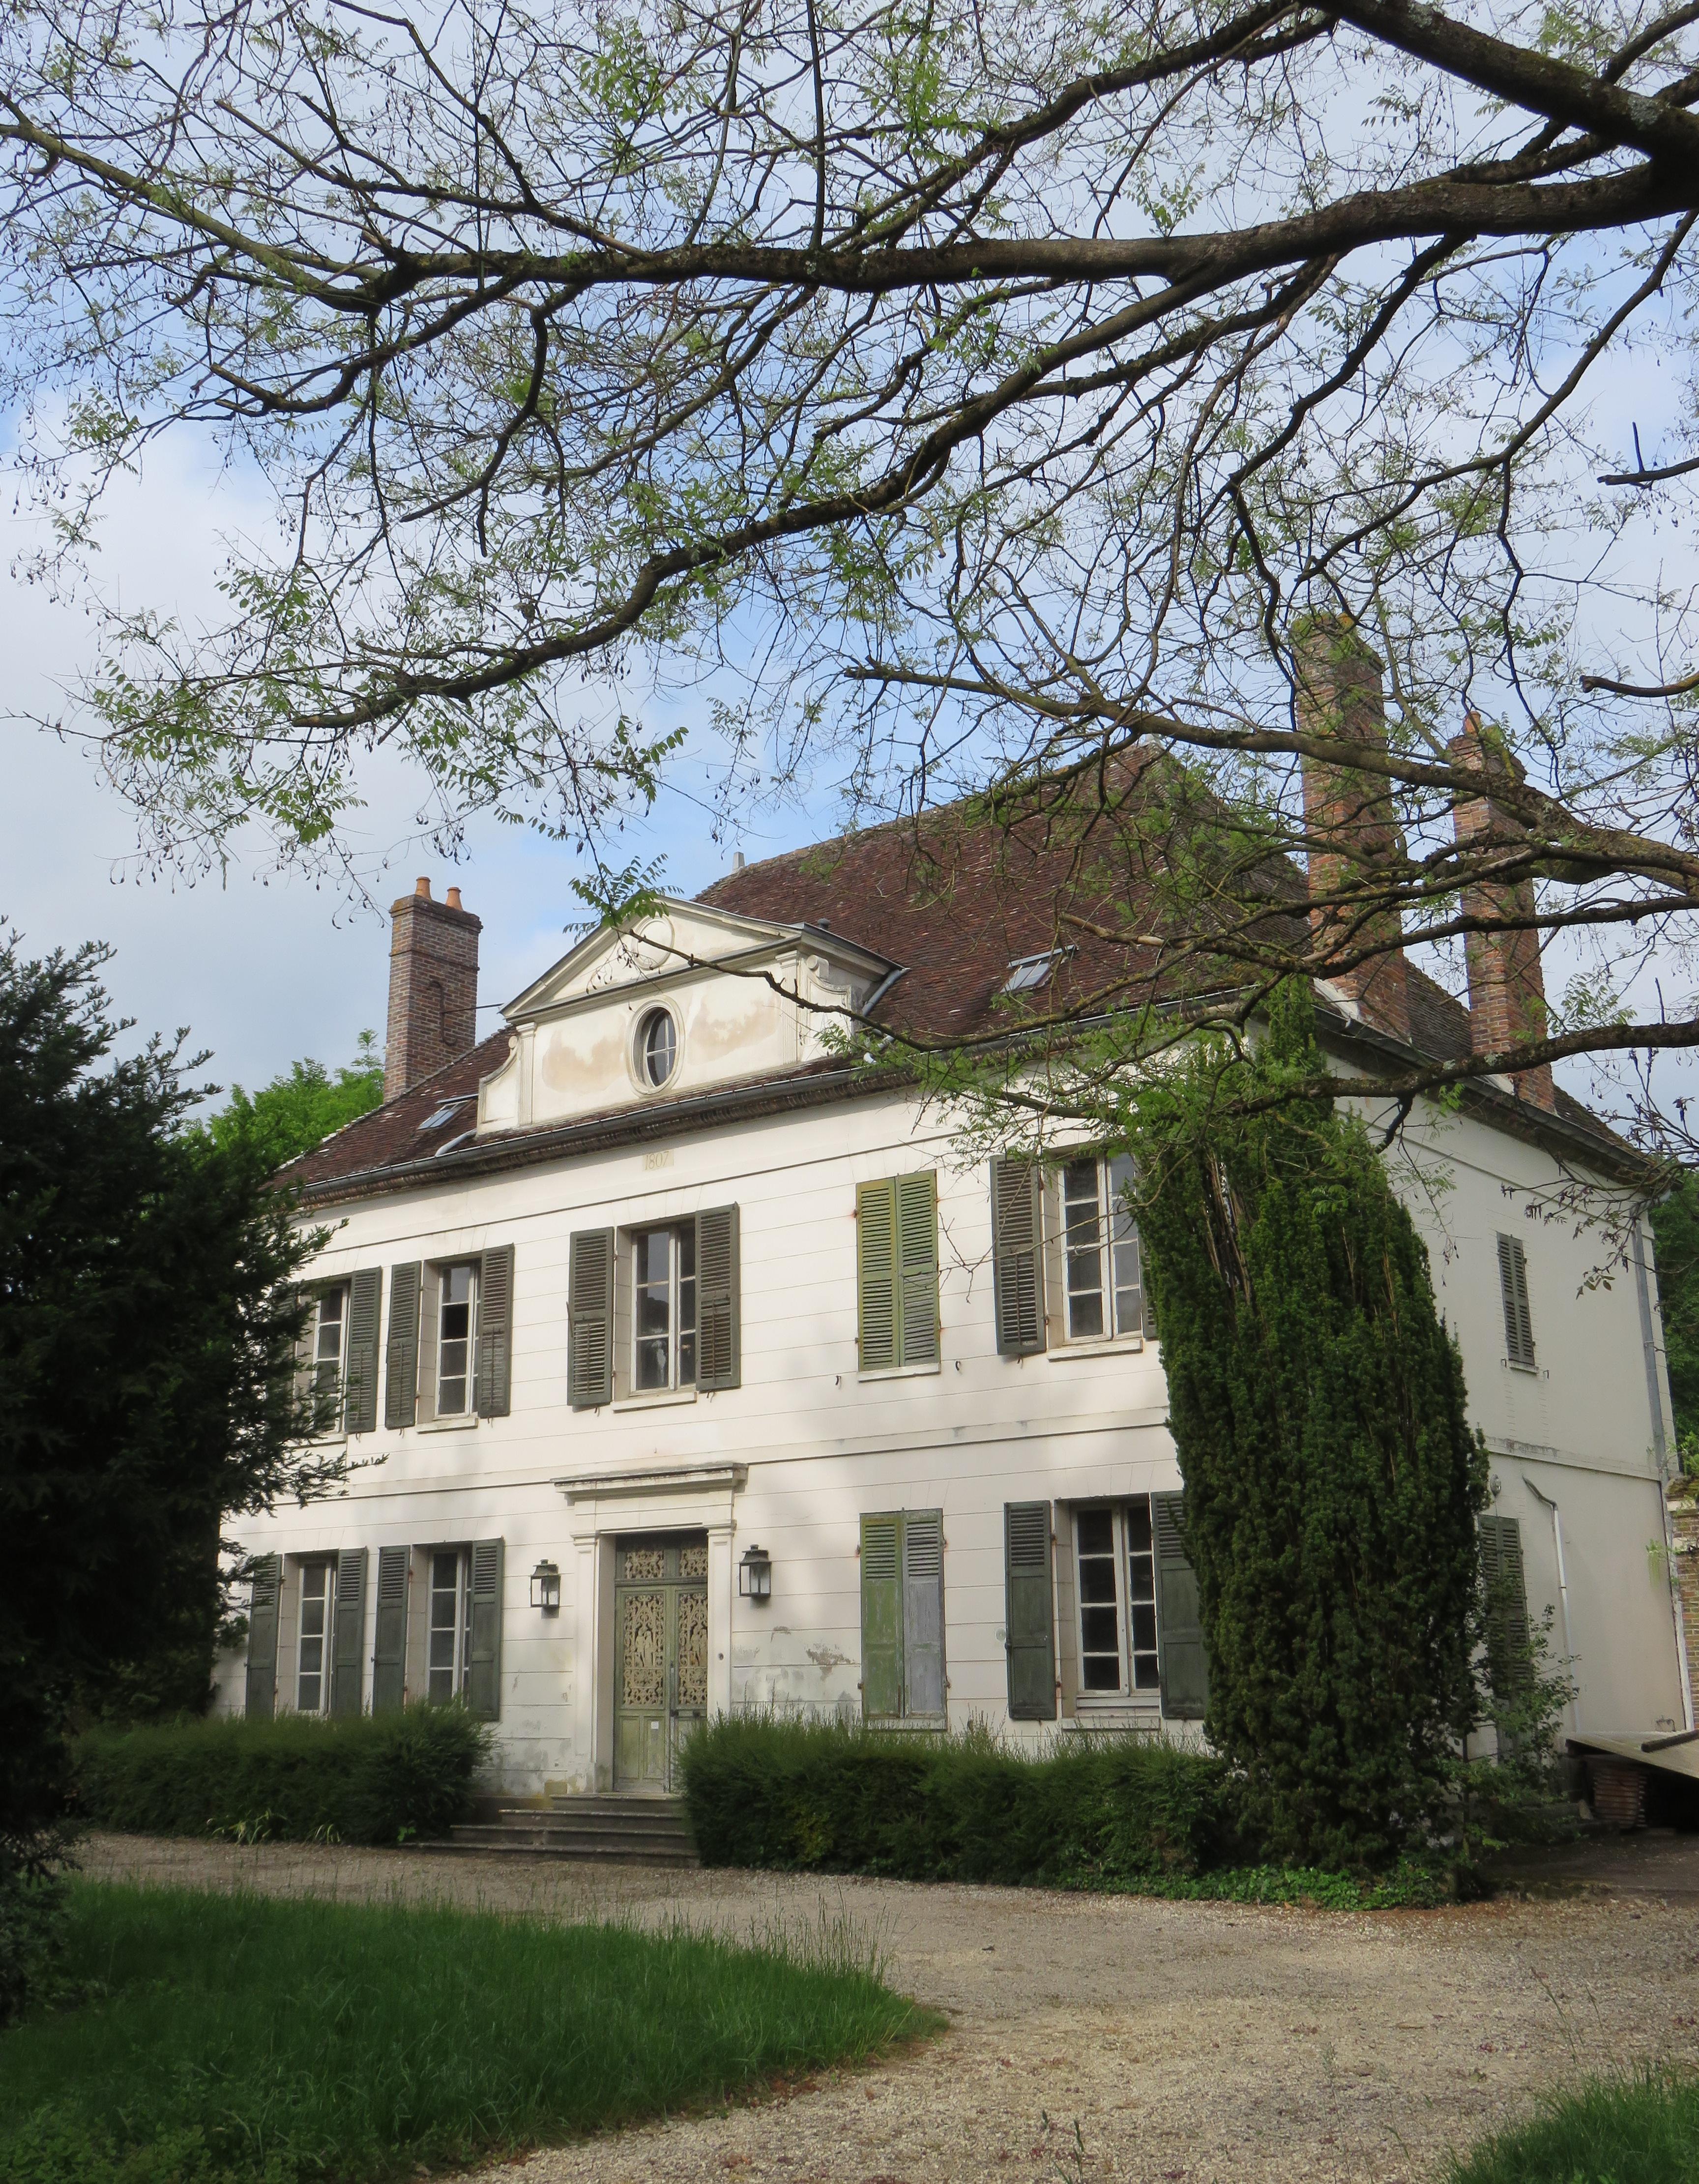 Vue de la façade telle qu'elle se dévoile en empruntant l'allée depuis l'avenue - Maison Les Relais Villeneuve-sur-Yonne